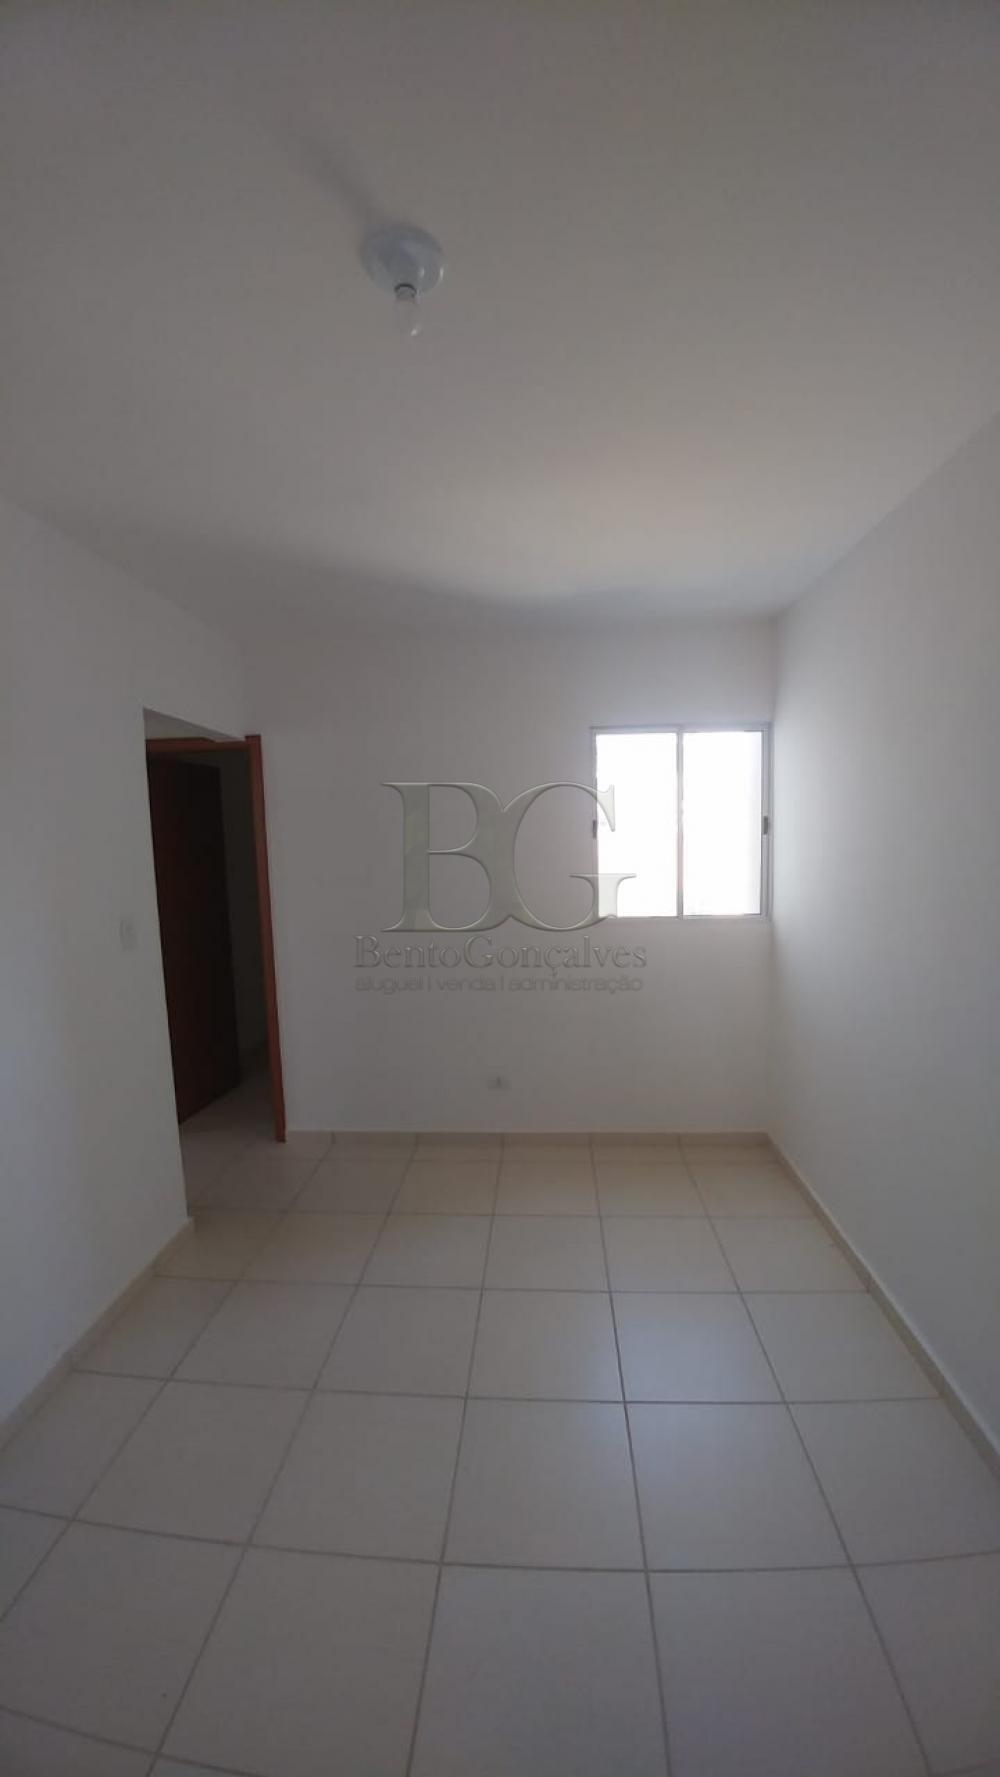 Comprar Apartamentos / Padrão em Poços de Caldas apenas R$ 159.900,00 - Foto 3